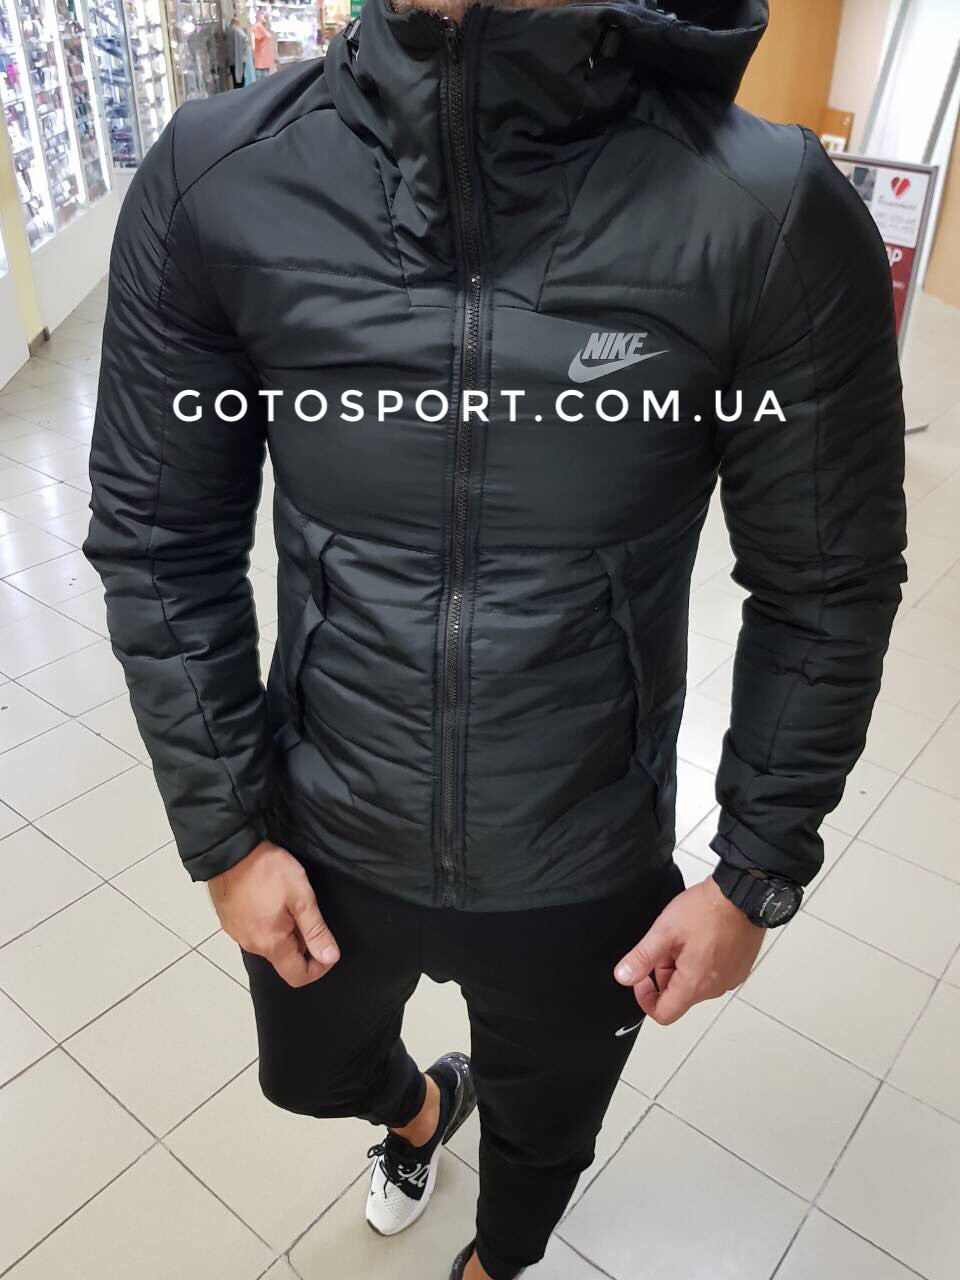 b19119a40ac4 Мужская демисезонная куртка Nike  продажа, цена в Киеве. куртки ...